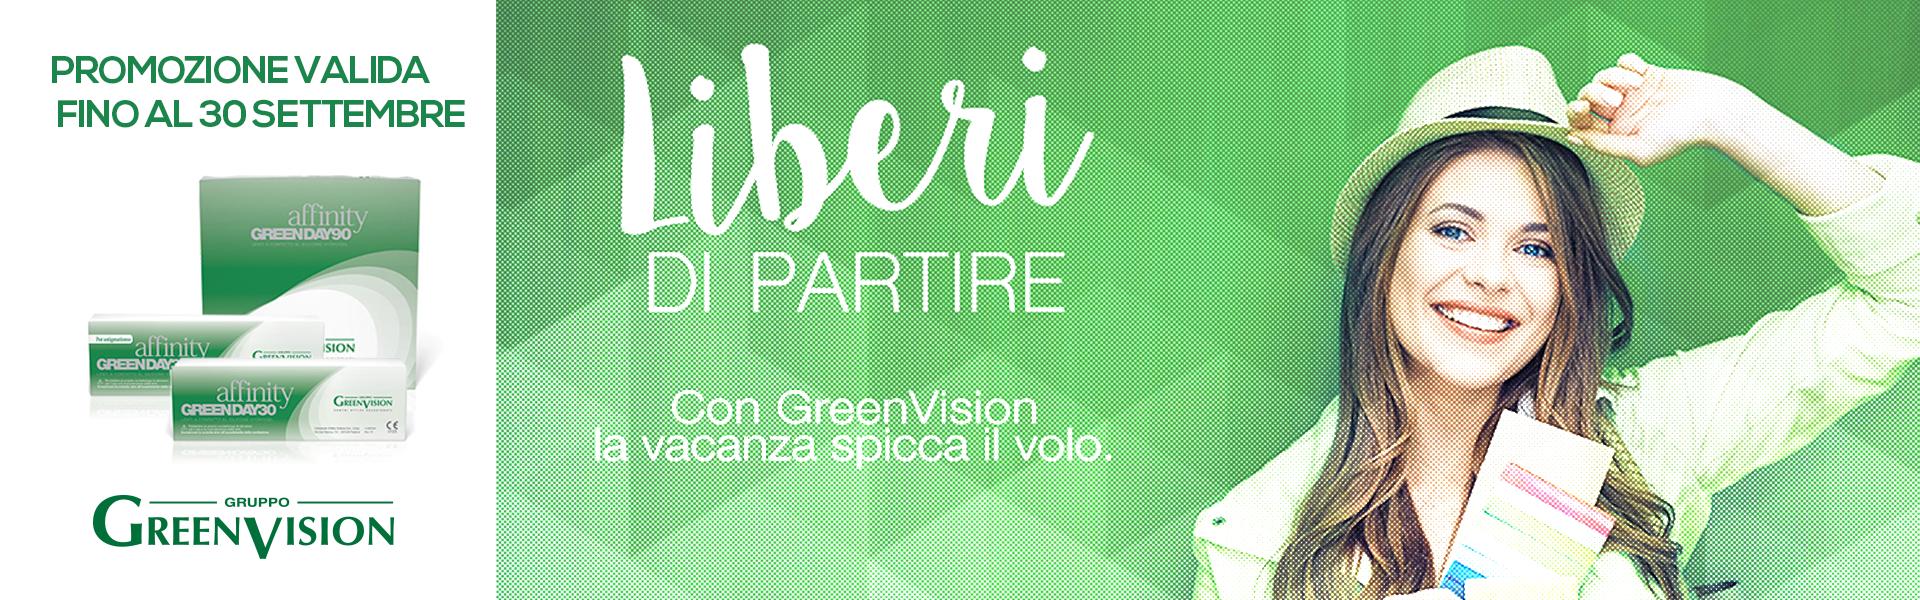 GreenVision_Liberidipartire